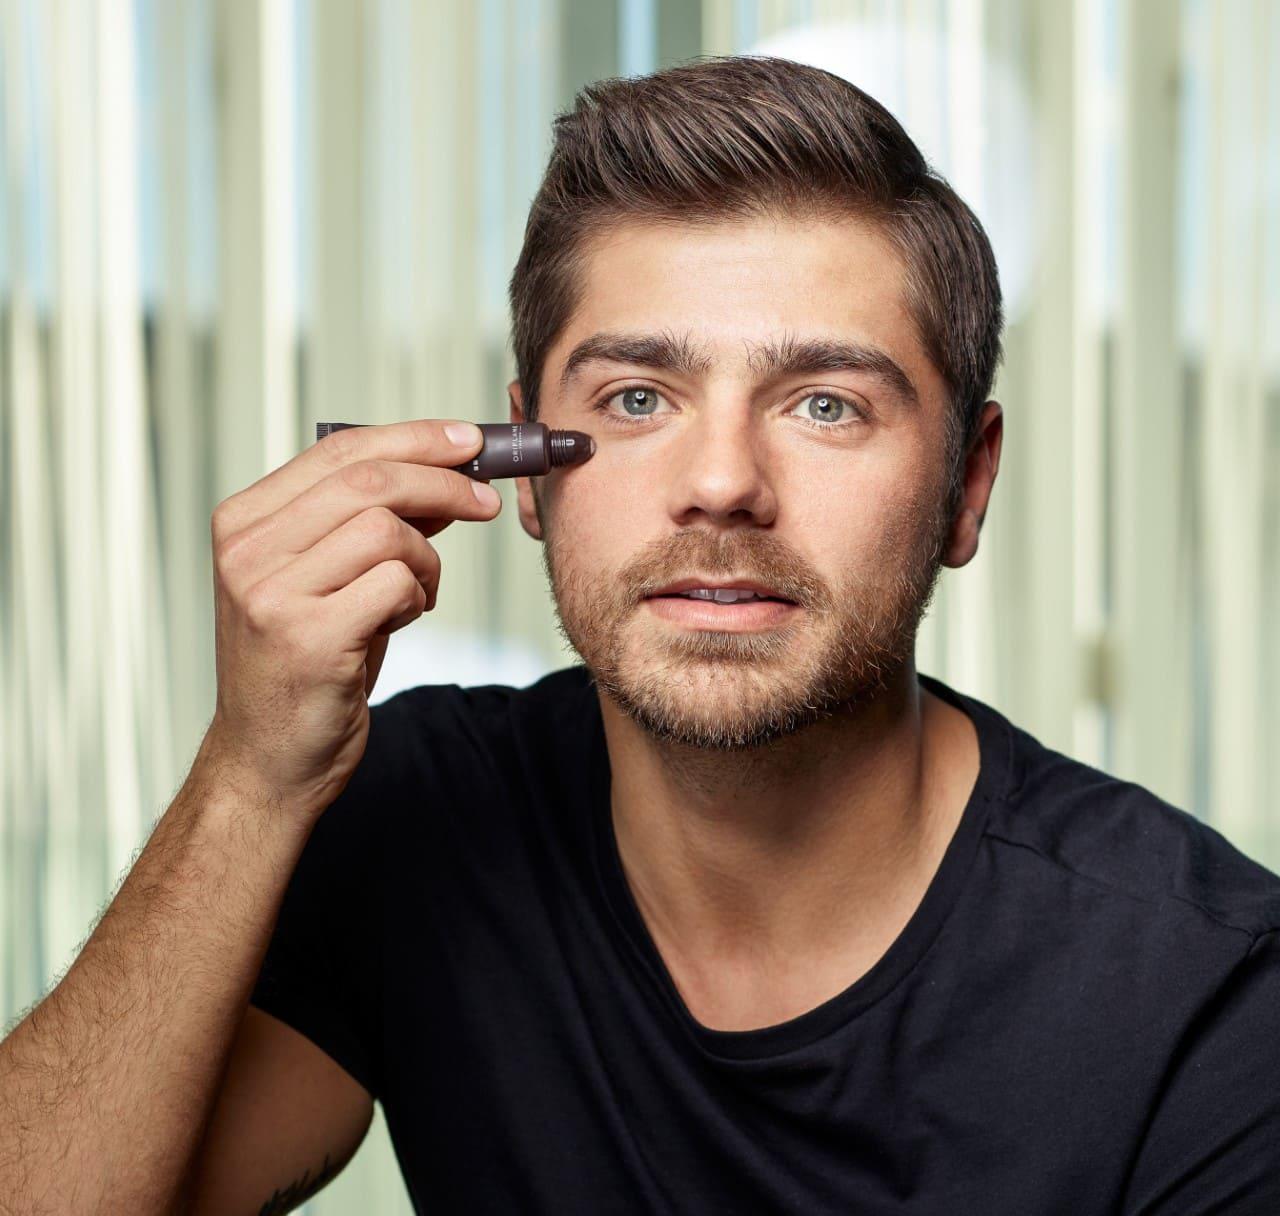 Cómo mantener una piel masculina radiante de manera sencilla y fácil